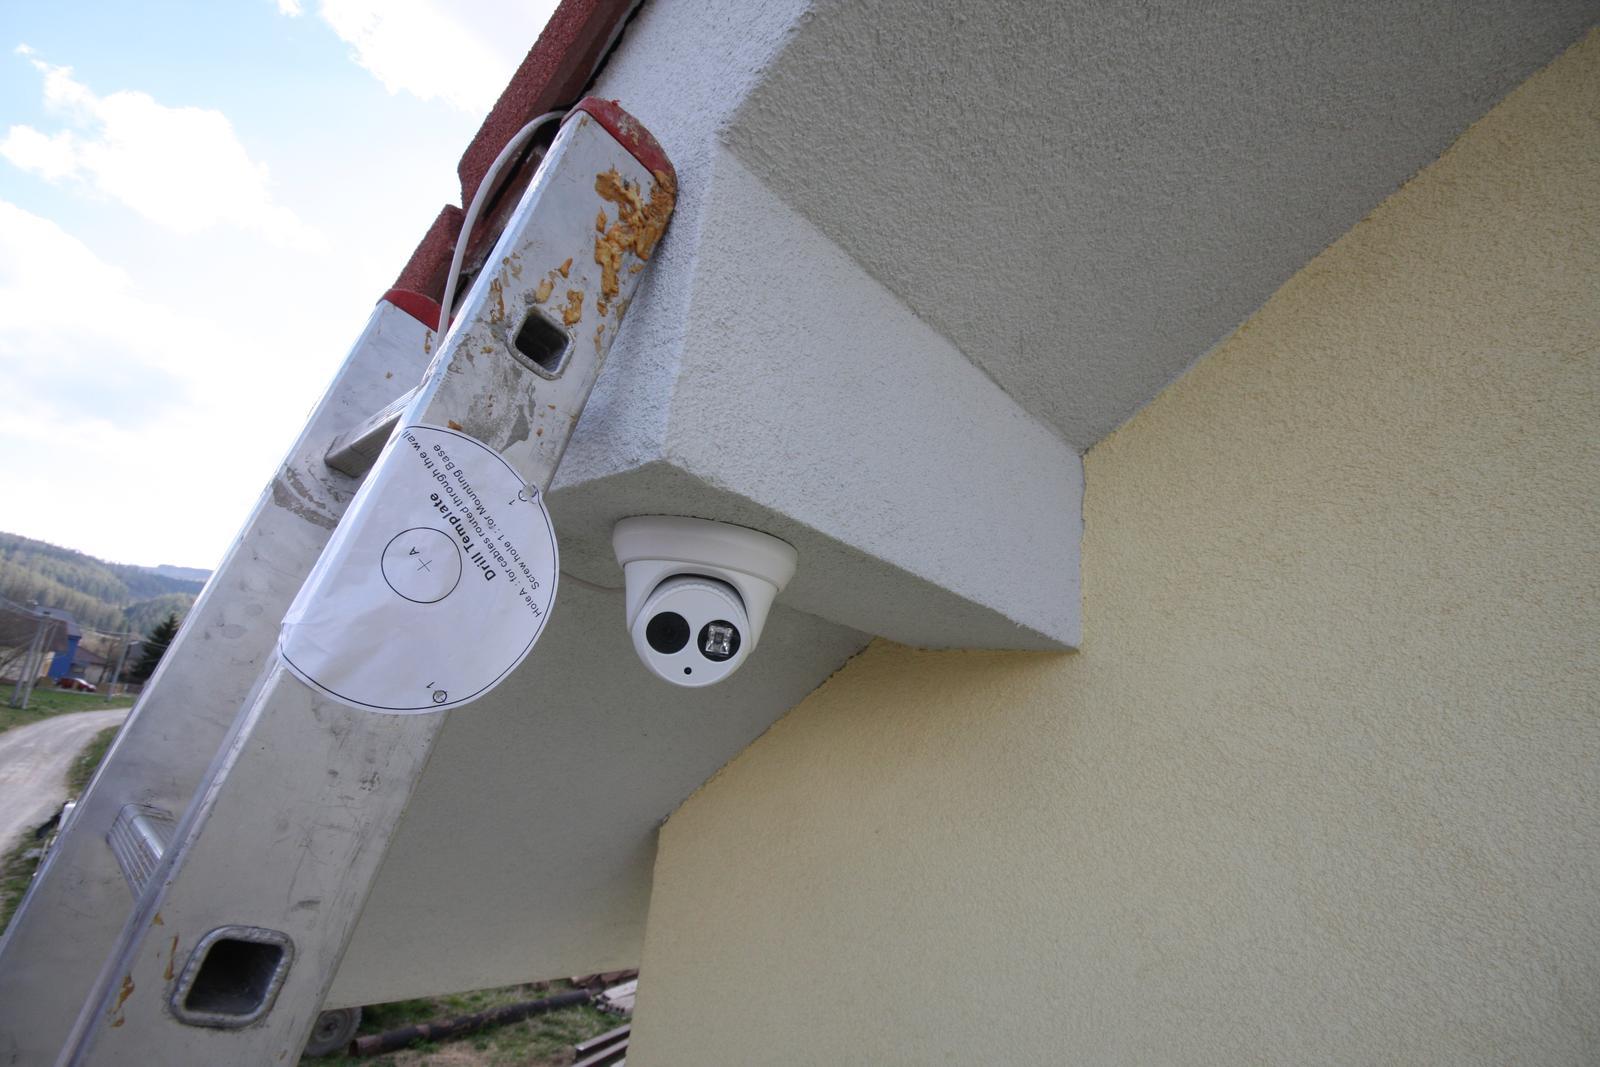 Nulový dom bez komína... Som UFO? - Vynikajuca kamera - HIKVISION DS-2CD2332-I > 2K rozlisenie, poe, 30metrov nocne videnie, az do -30C, celokovove telo, slovensky jazyk, applikacia zdarma.. Cena 80e. na aliexpress.com